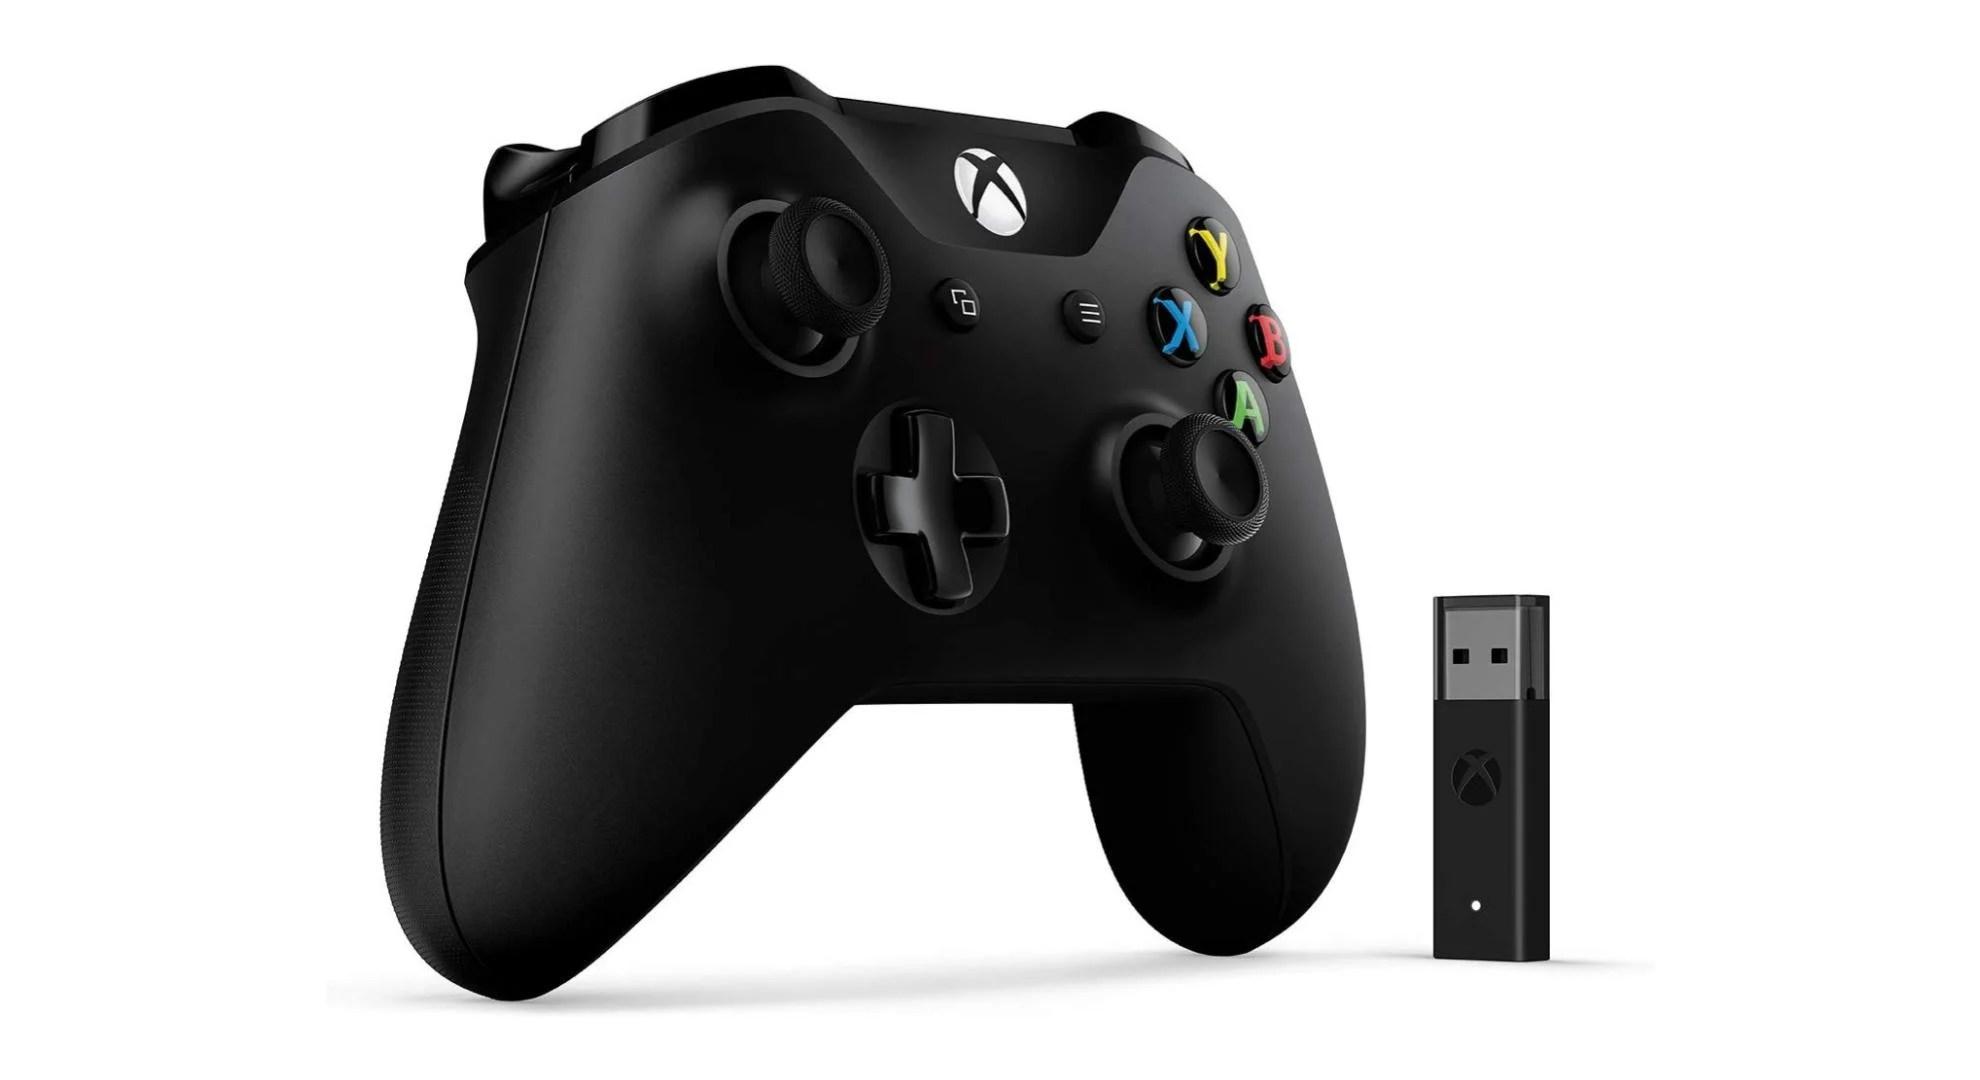 La manette Xbox One avec adaptateur sans fil pour PC passe à 39 euros